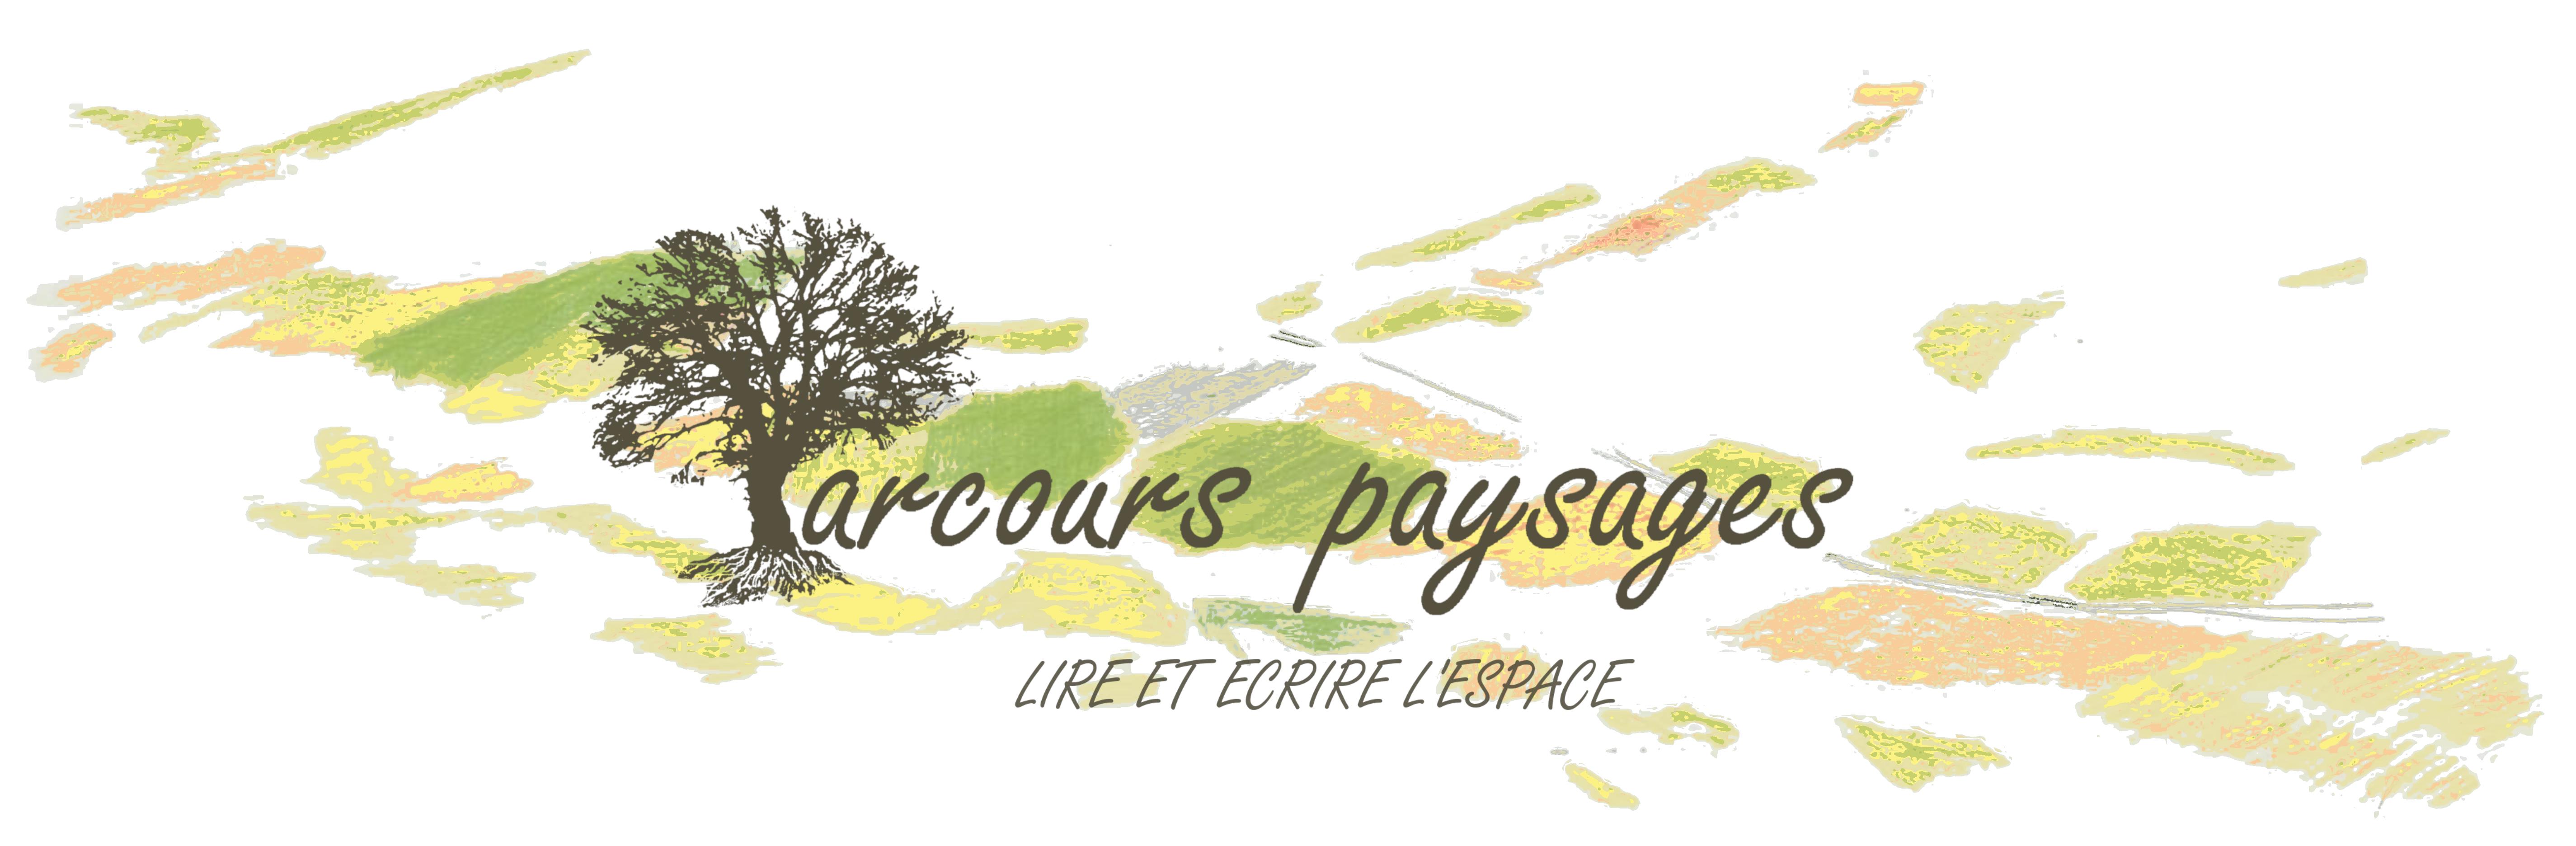 Accueil_Parcours_paysages